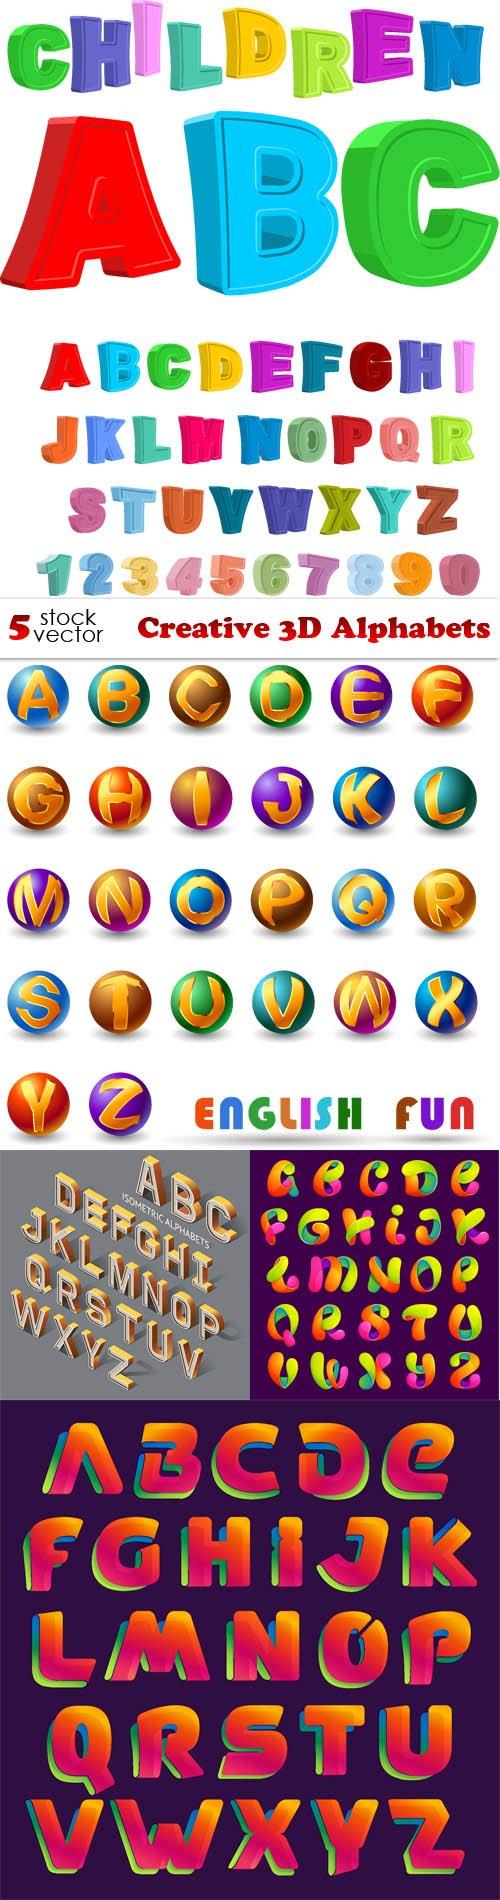 Vectors - Creative 3D Alphabets